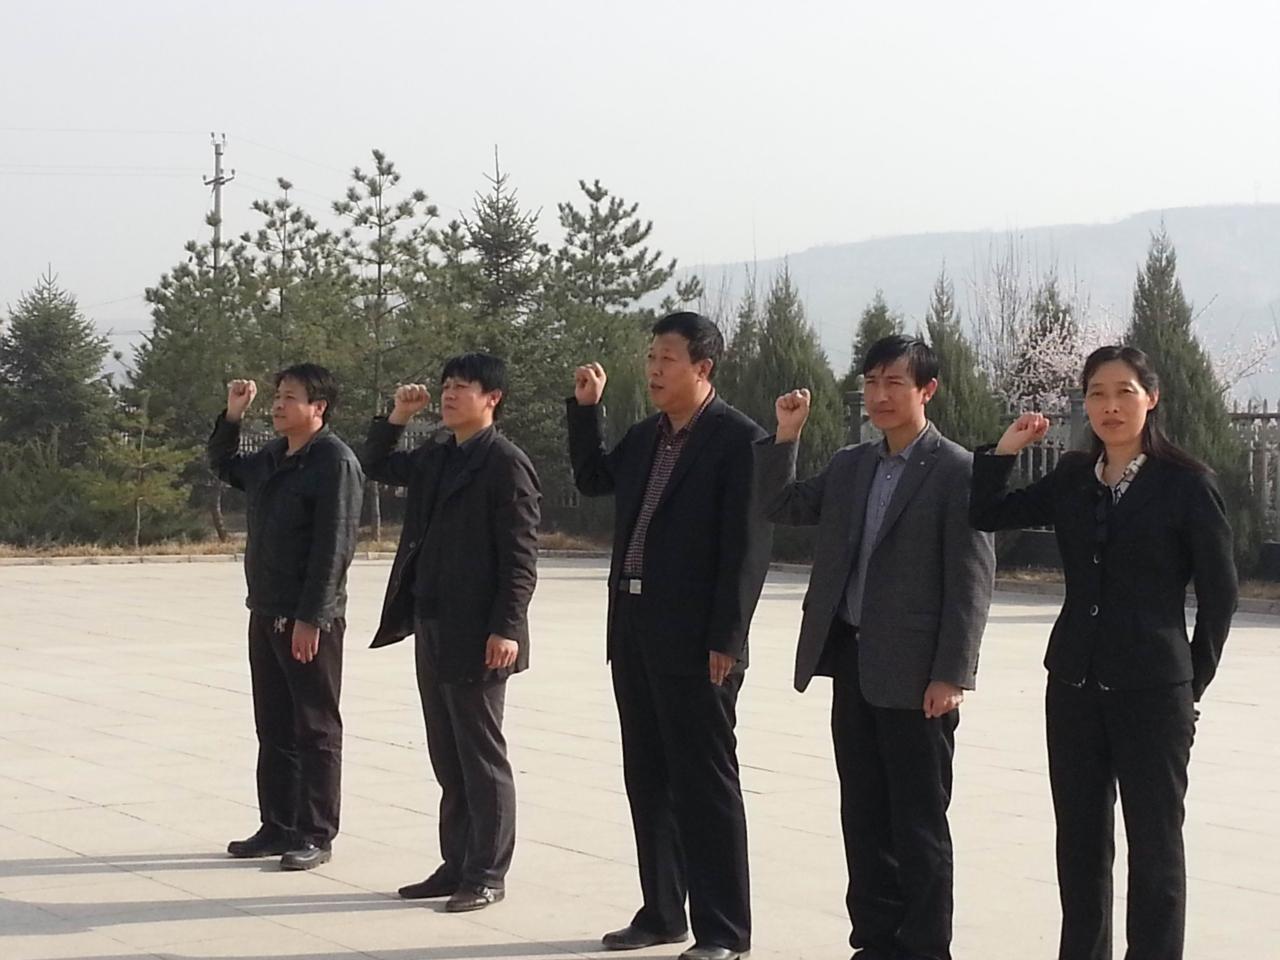 临汾隰县玉露香梨_临汾隰县人口